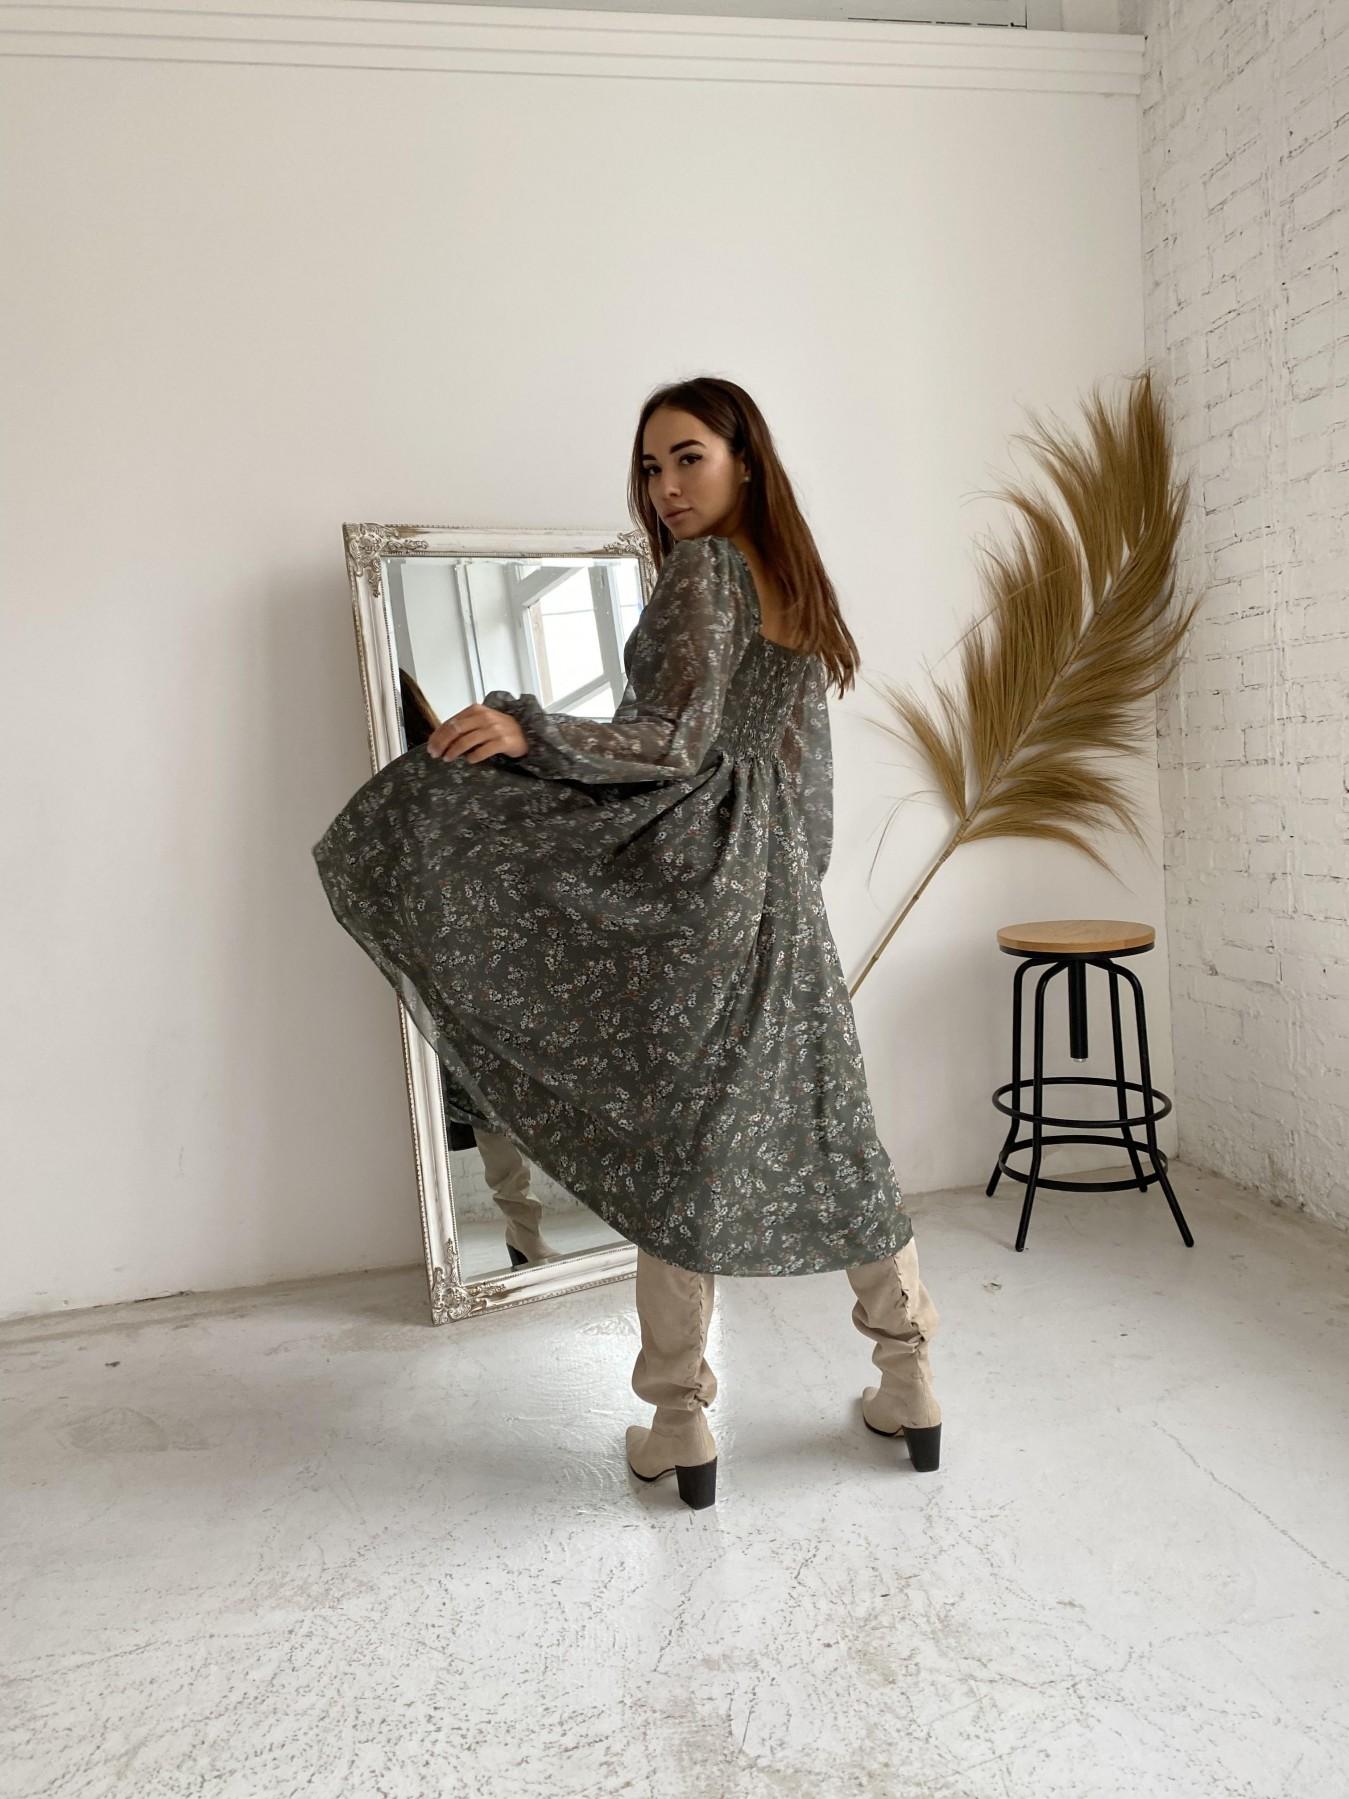 Кисес платье из шифона с цветочным принтом 11774 АРТ. 48625 Цвет: Зеленый/МолокоЦветыНаВетке - фото 5, интернет магазин tm-modus.ru